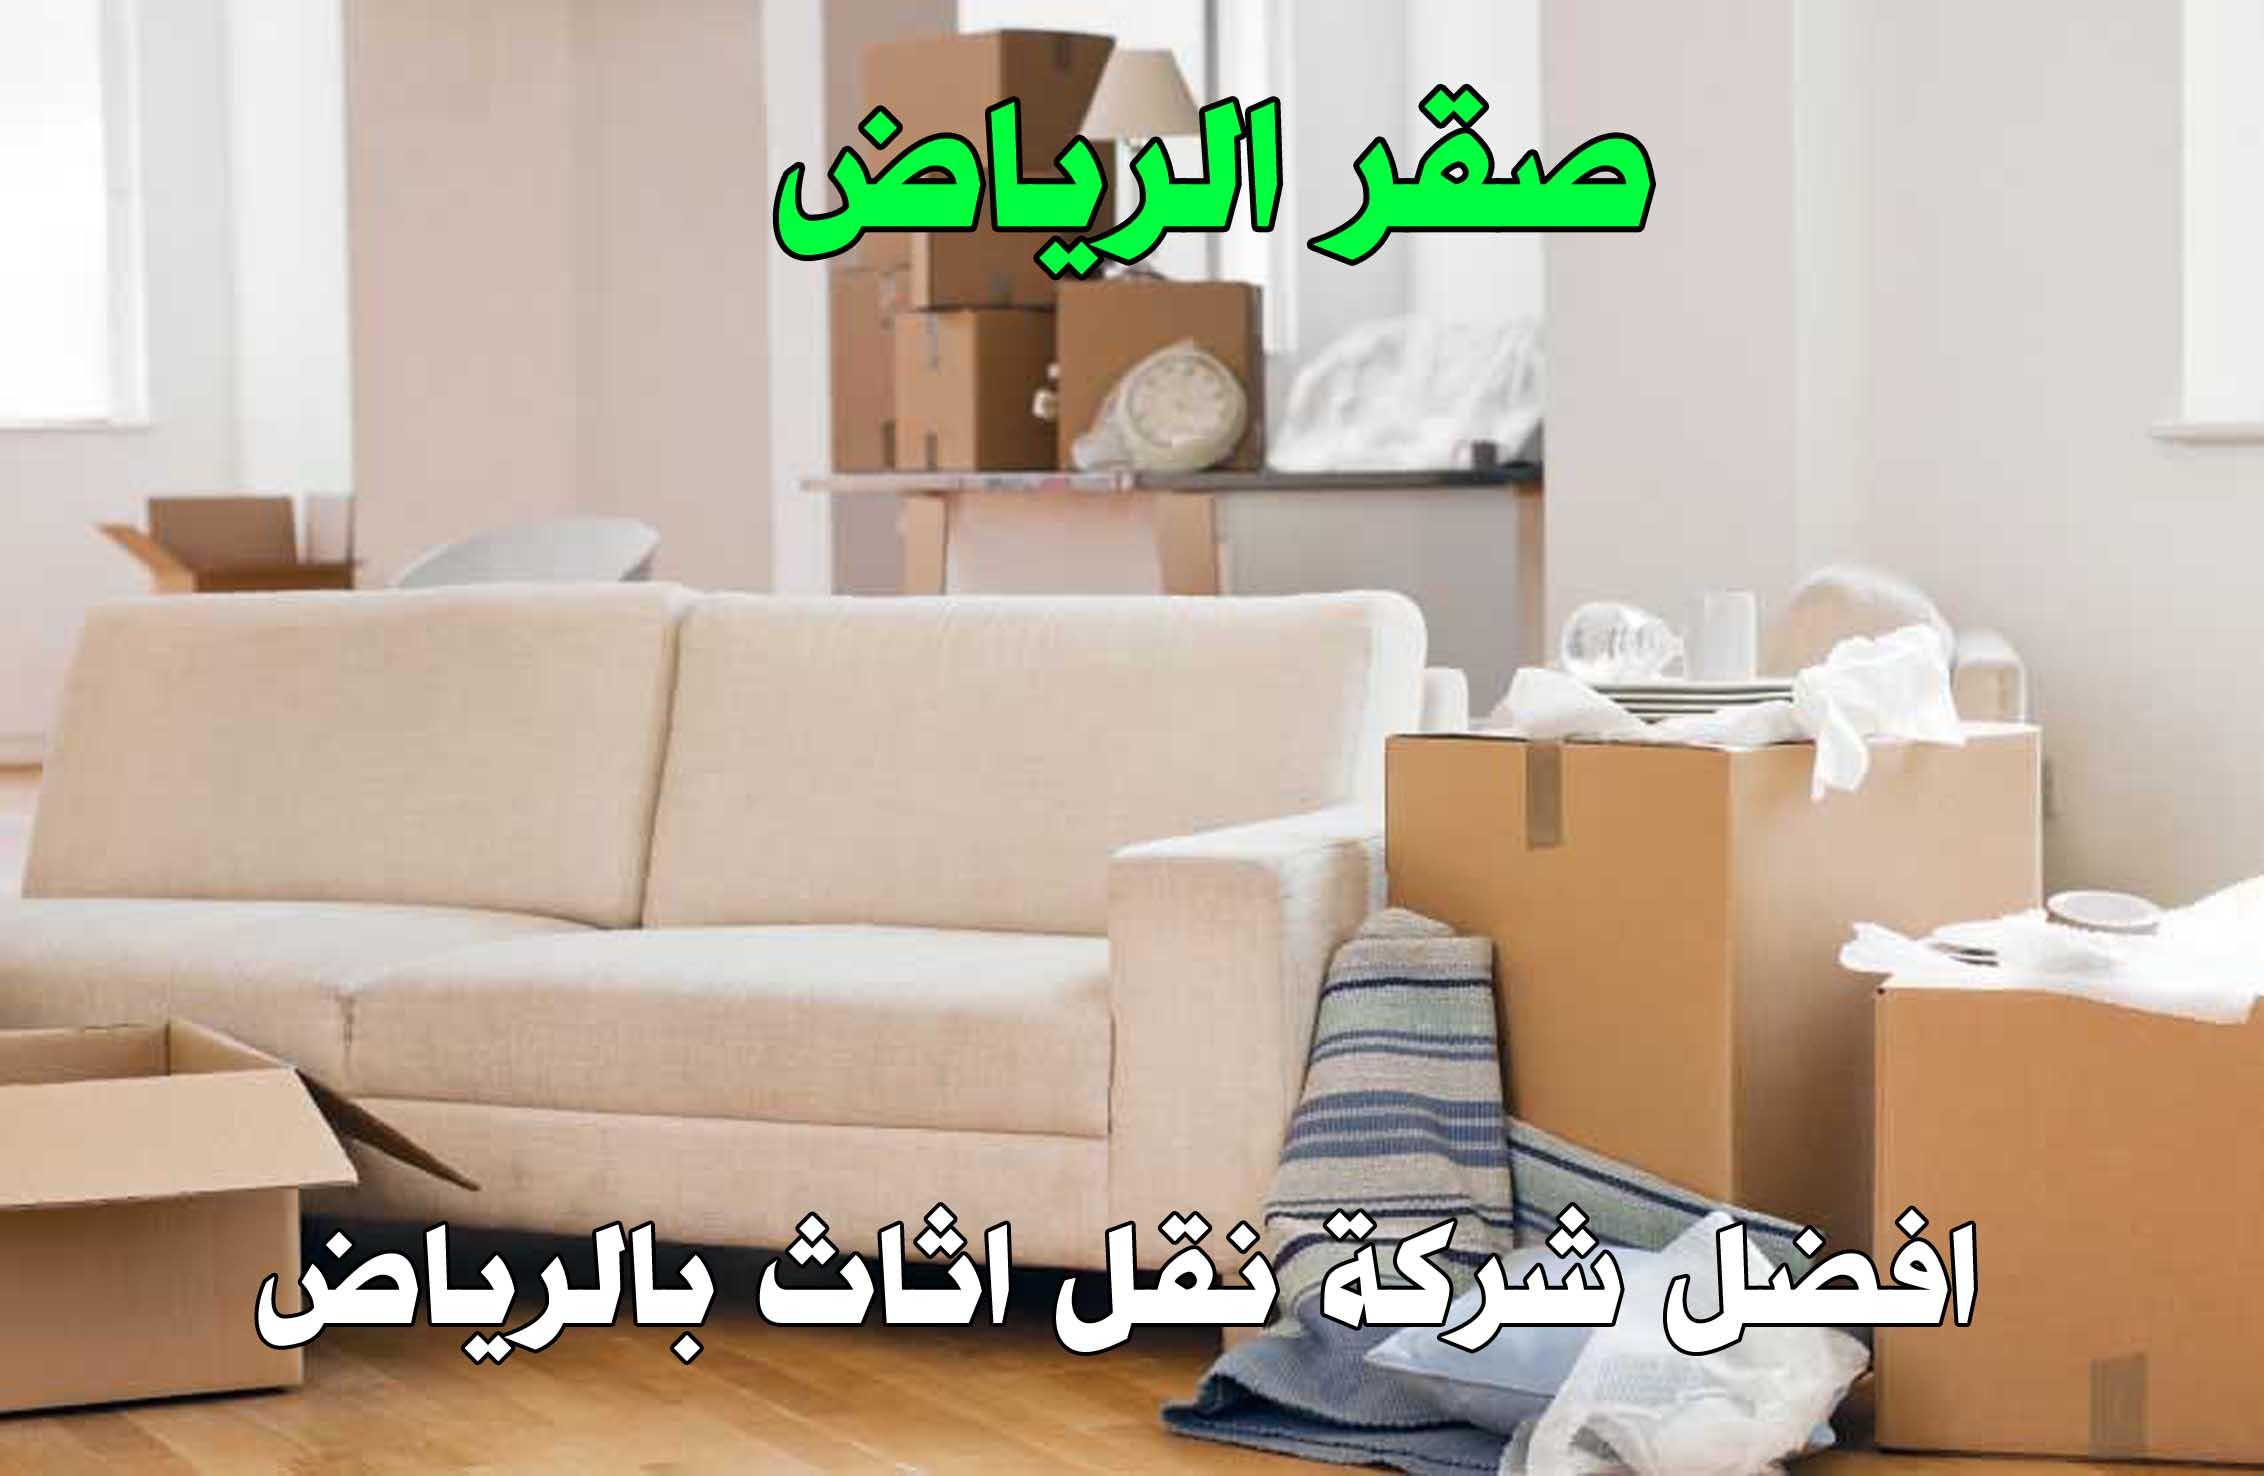 بالصور افضل شركات نقل اثاث بالرياض , اشهر شركات نقل الاثاث المتواجدة فى الرياض 3120 8